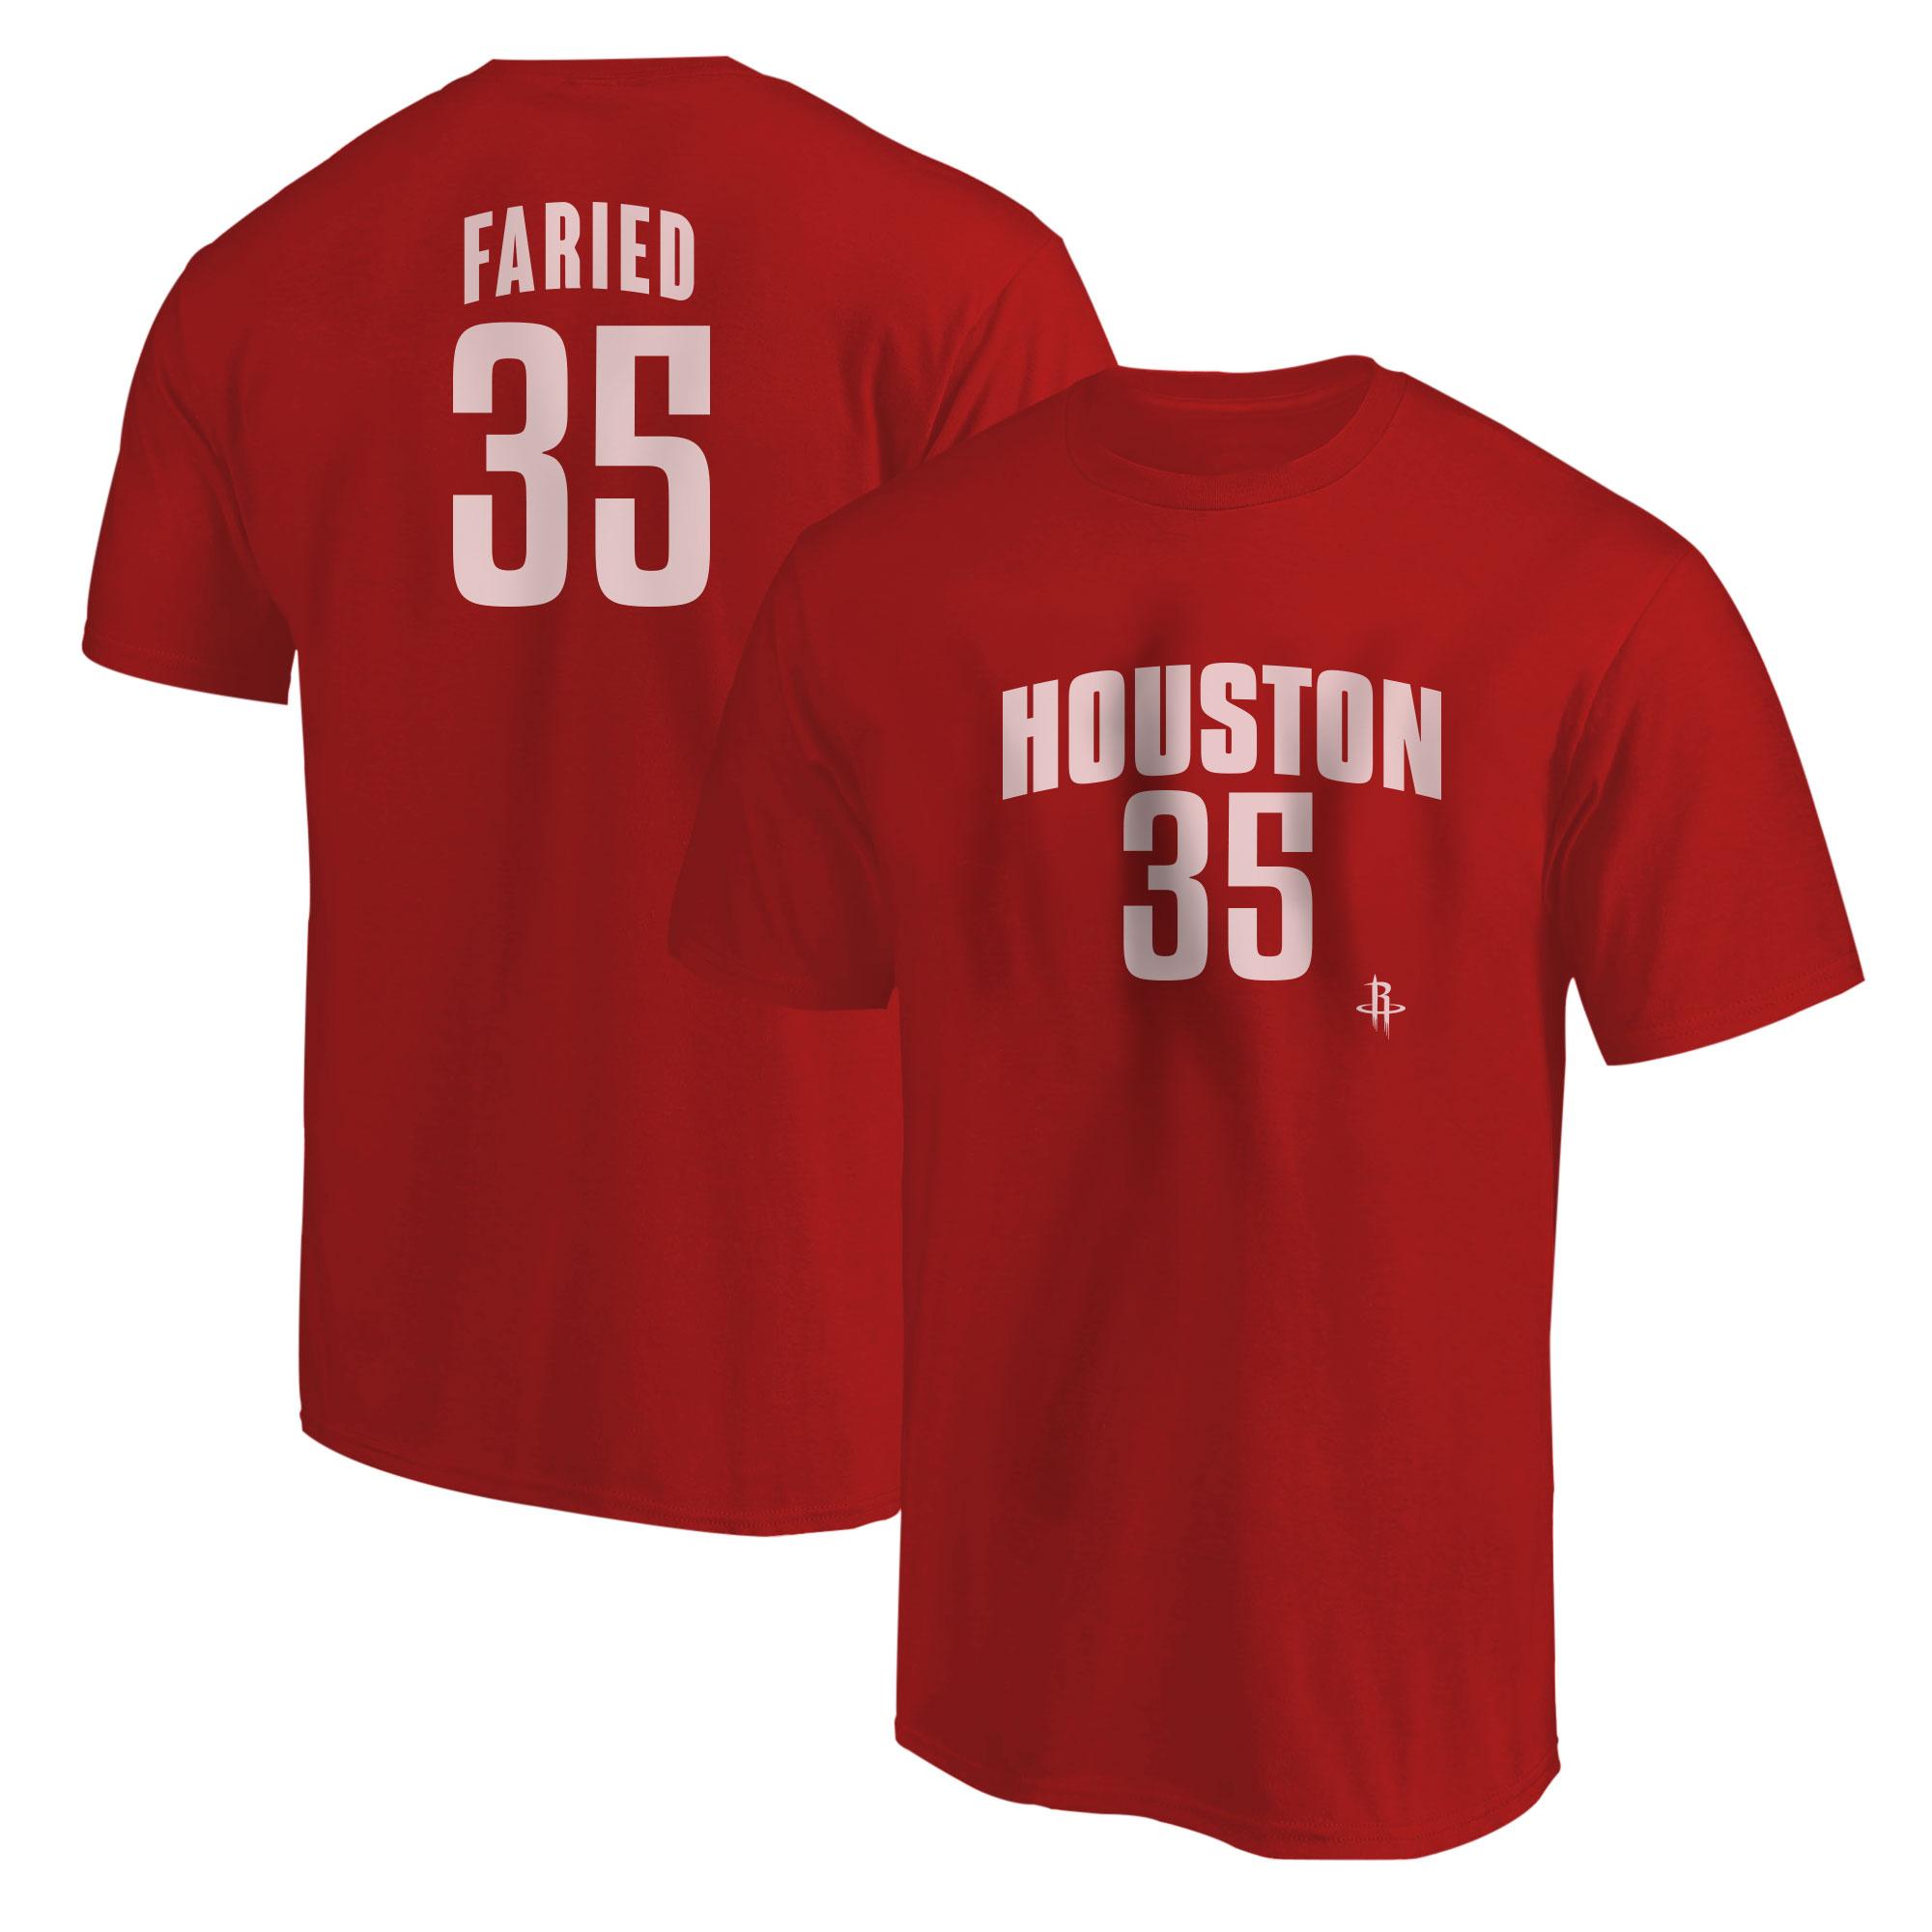 Kenneth Faried Tshirt (TSH-RED-NP-Faried35-617)